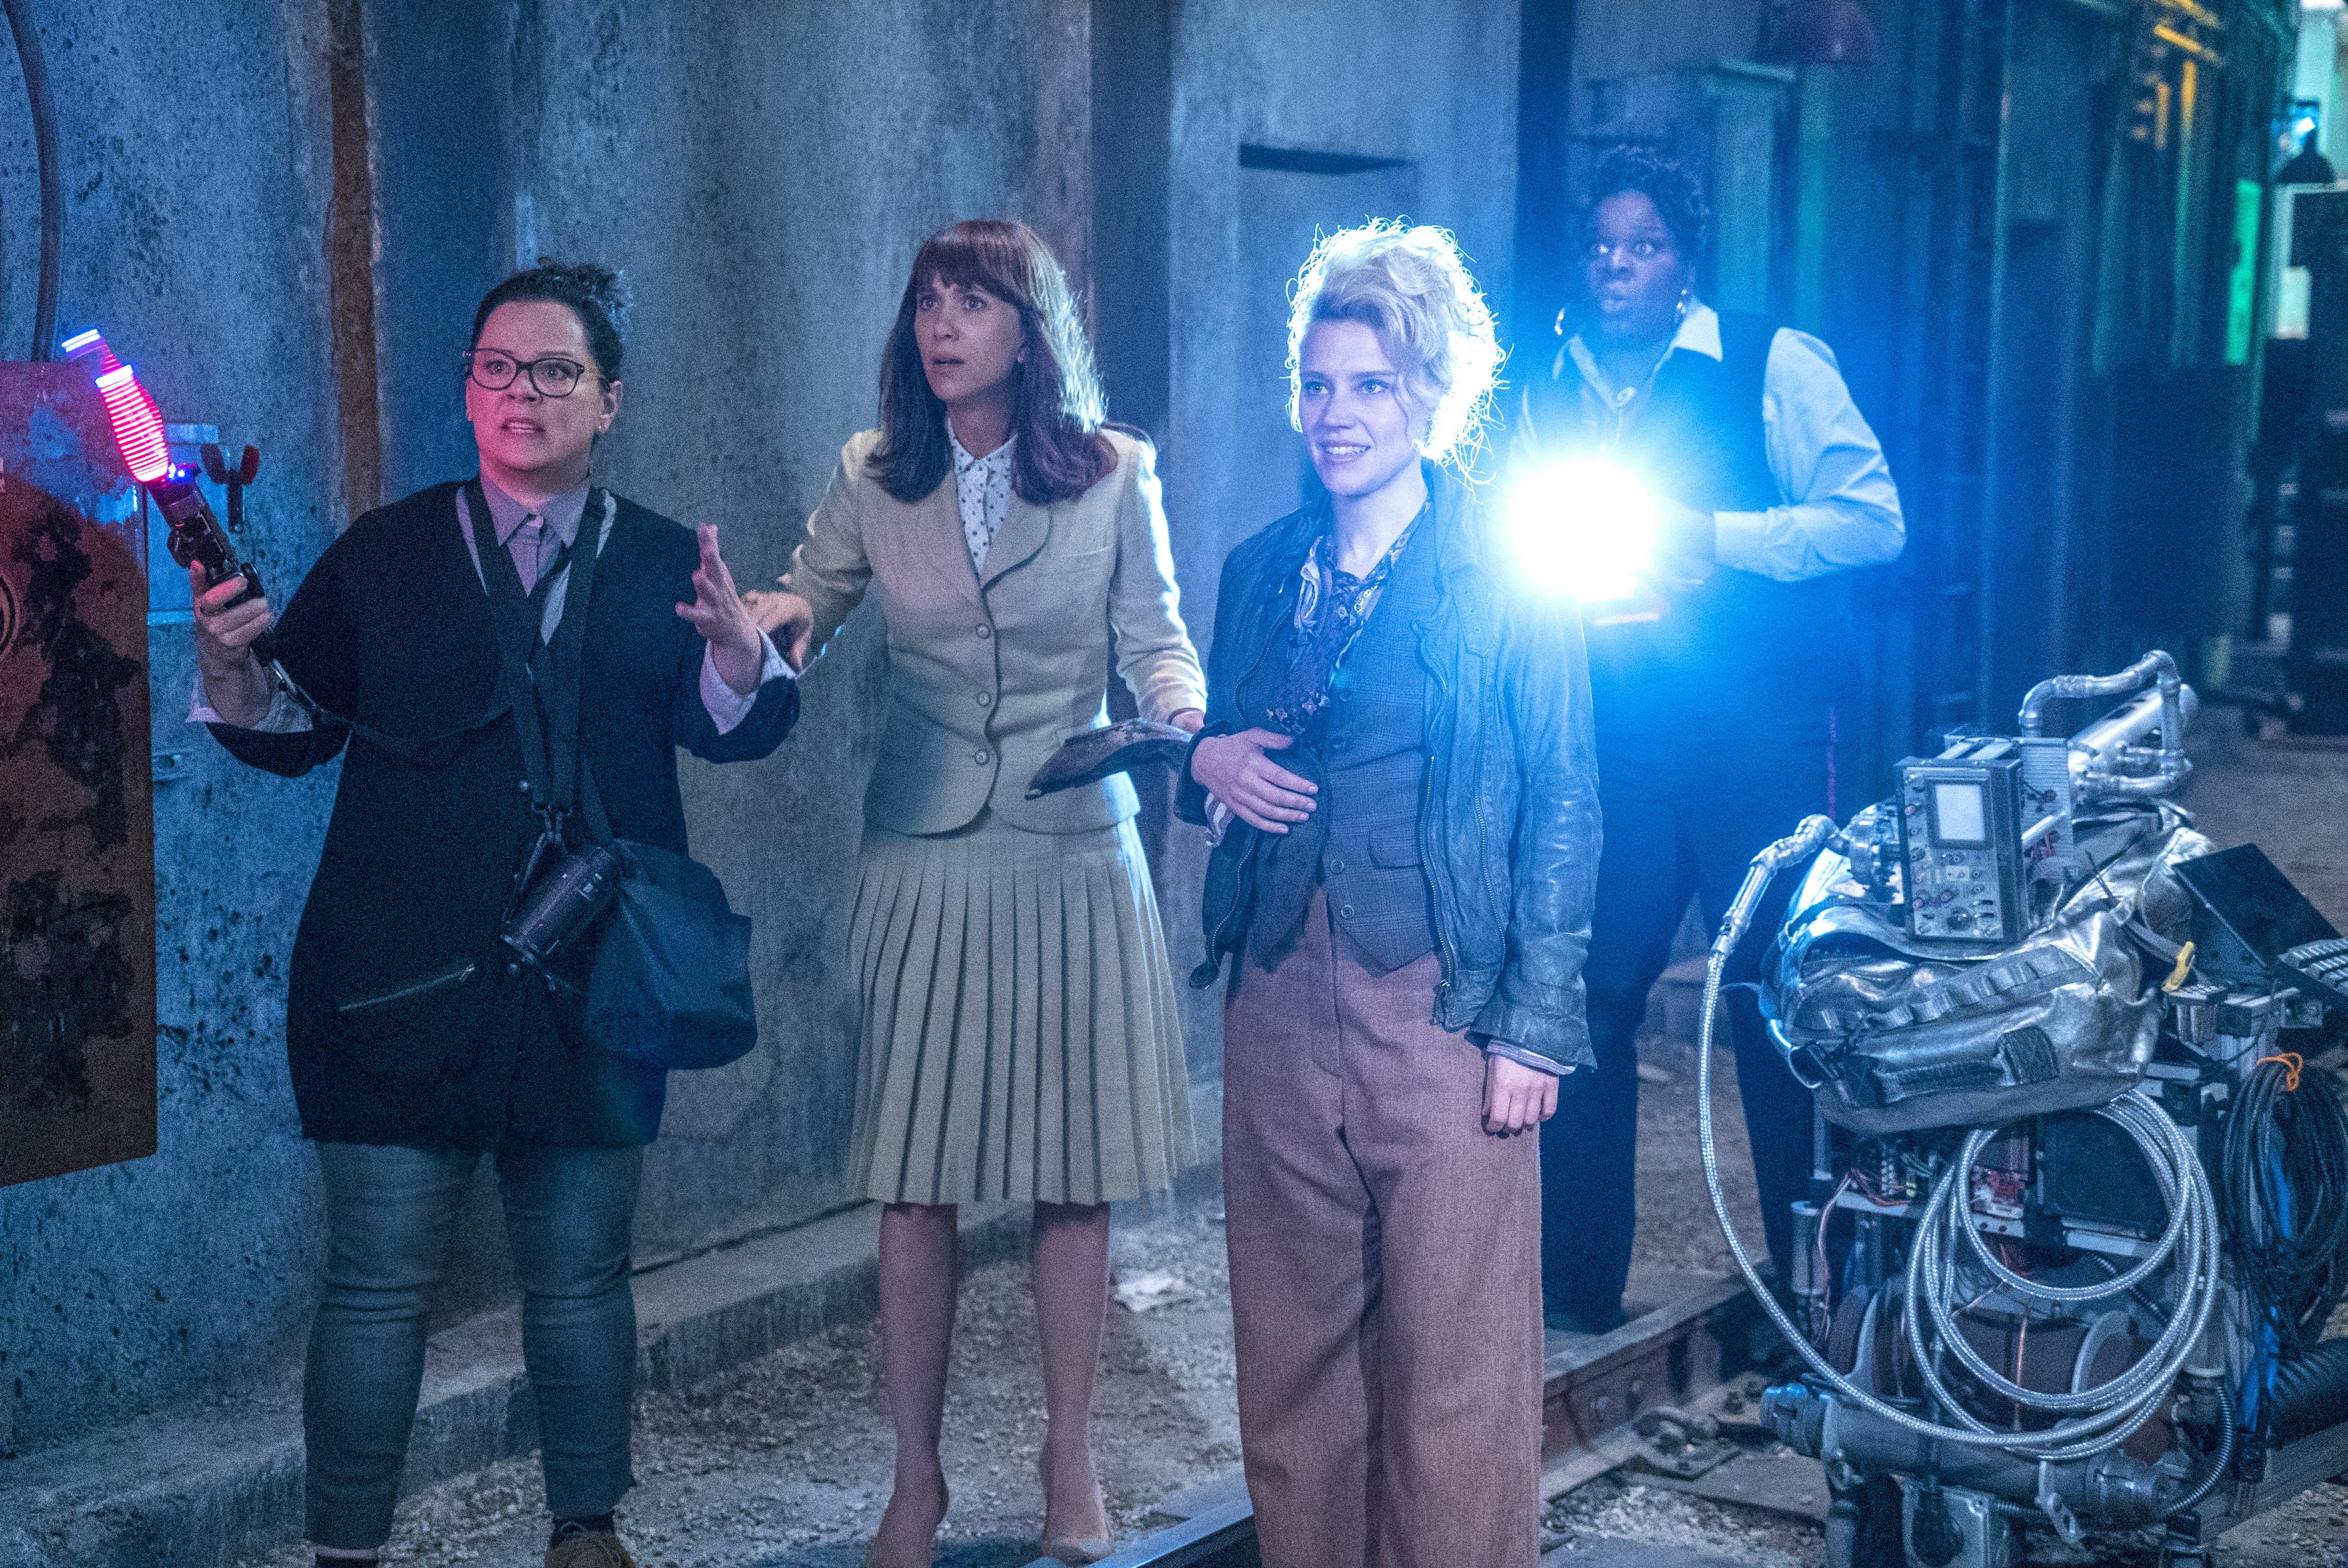 Melissa McCarthy, Kristen Wiig, Kate McKinnon e Leslie Jones caçando fantasmas